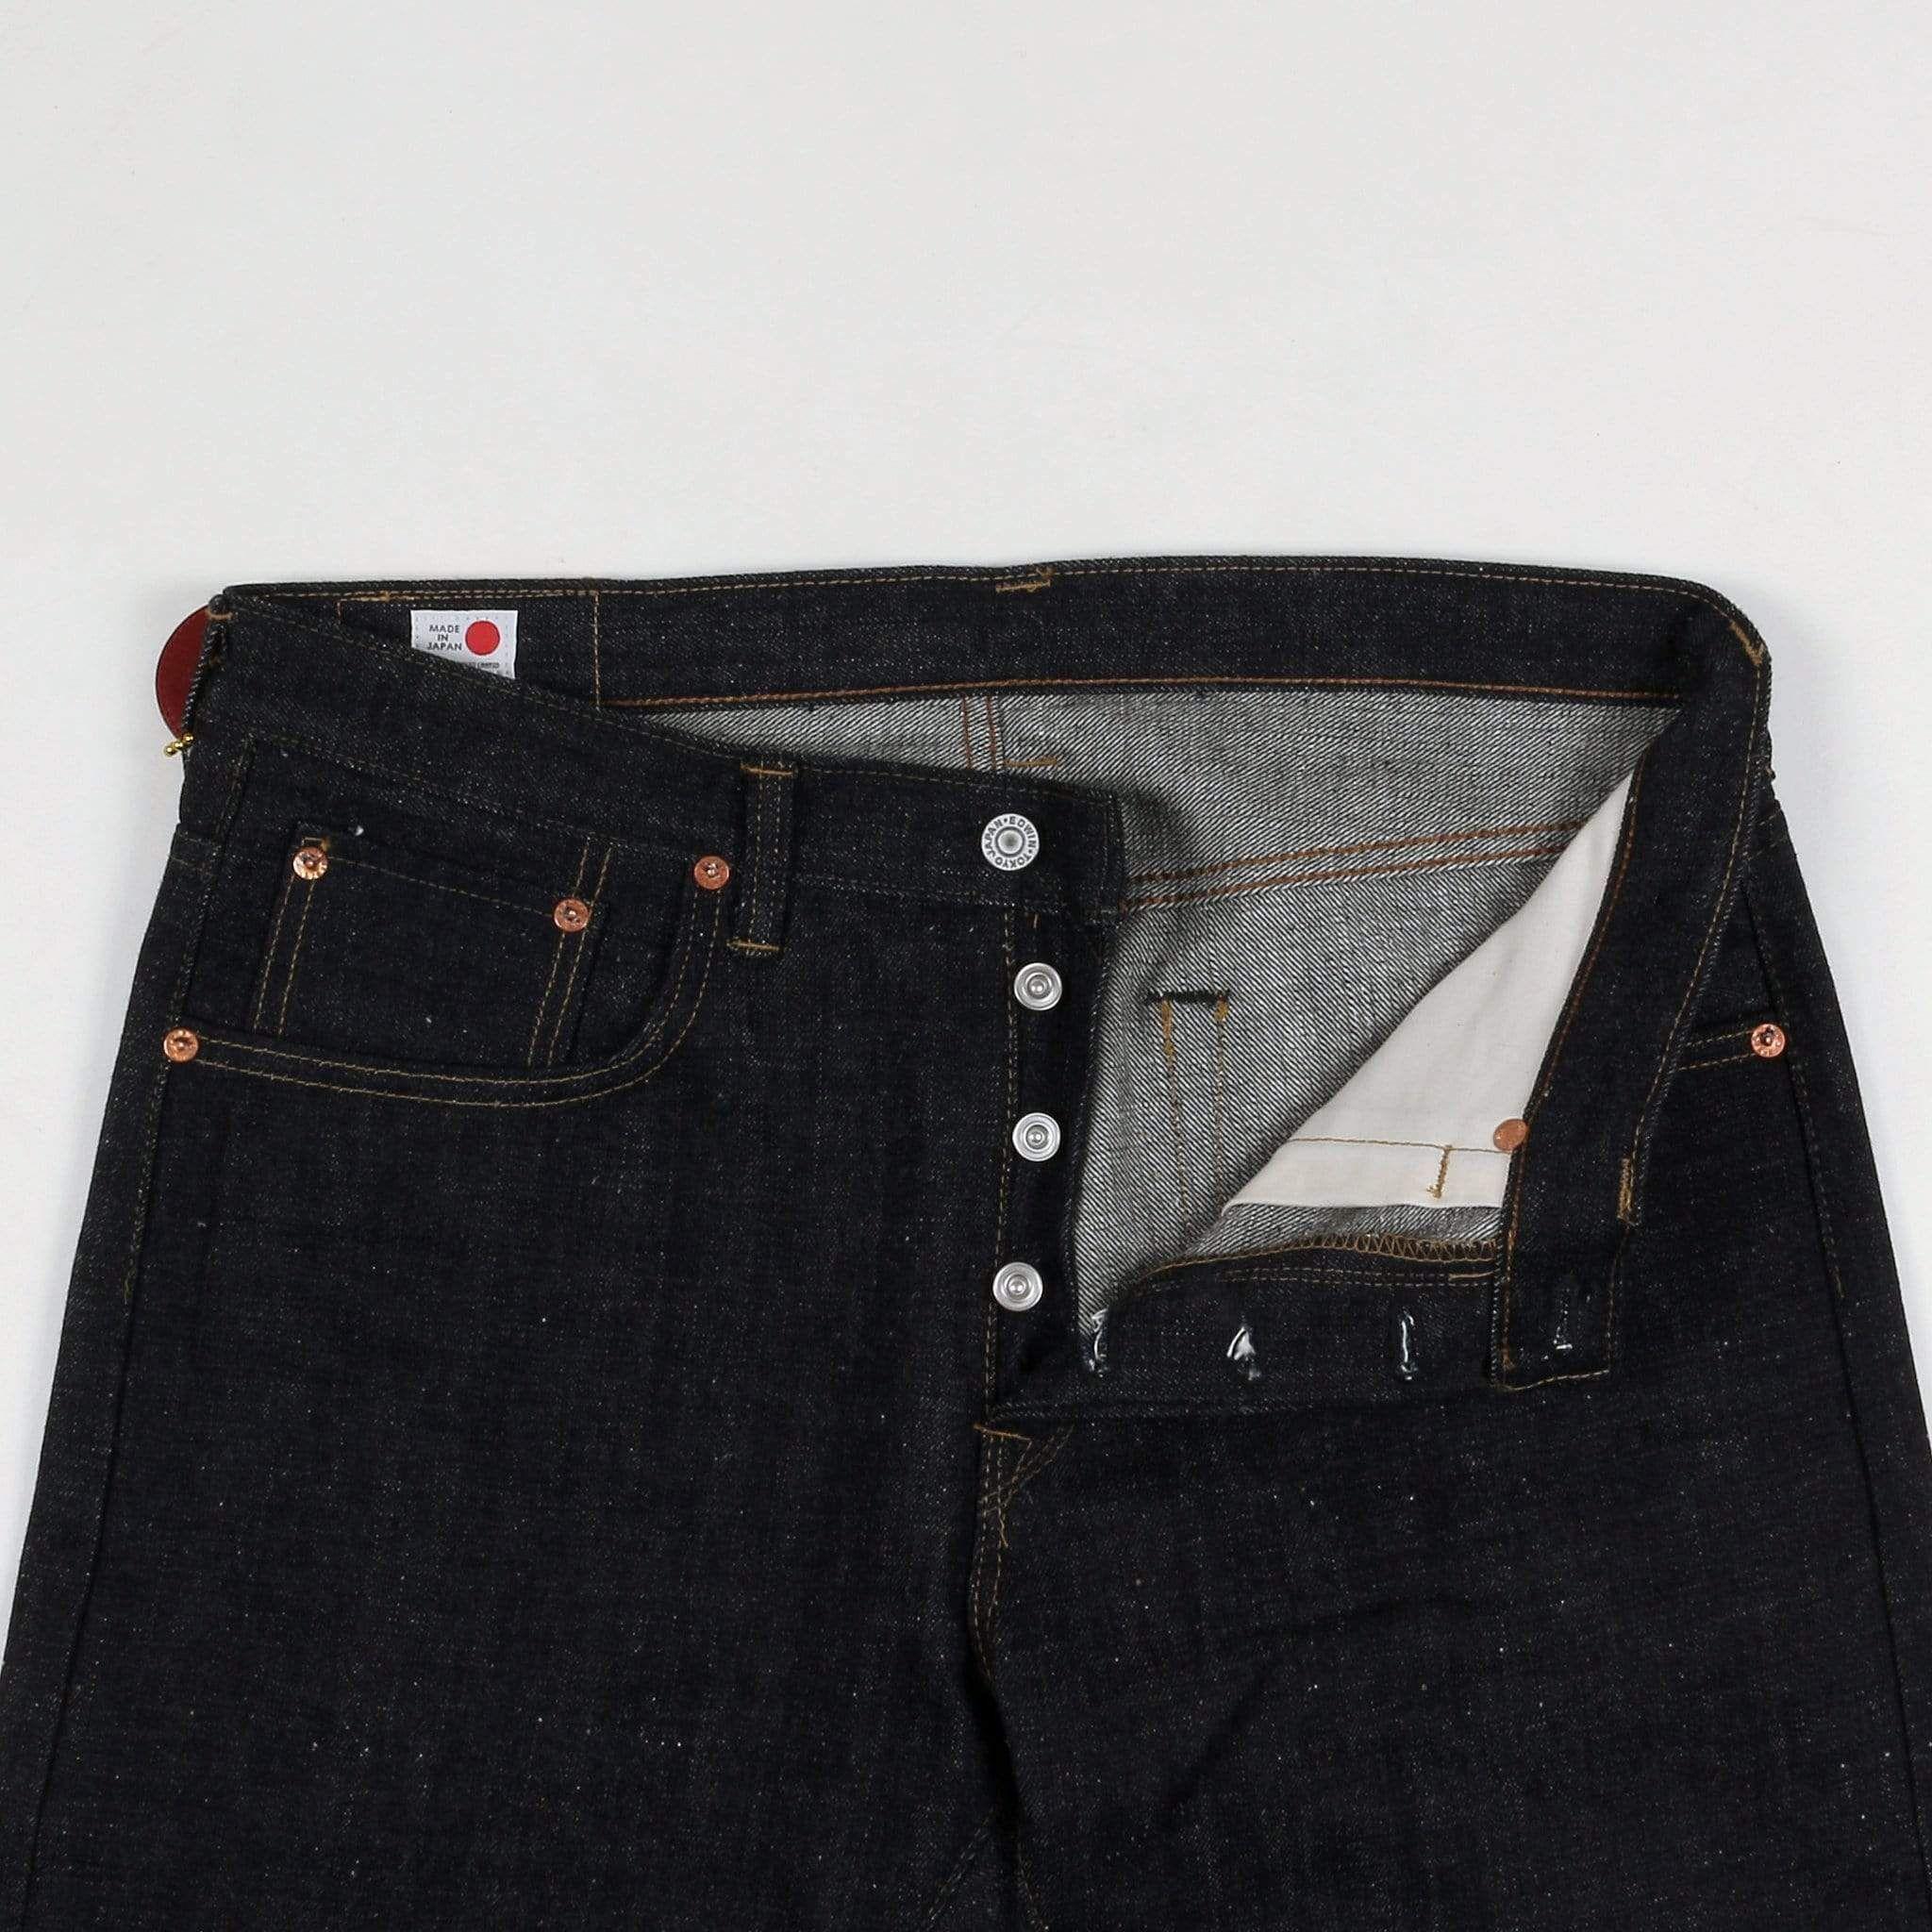 Edwin Japan Regular Tapered Mens Jeans Nihon Menpu Selvage Denim Open Weave